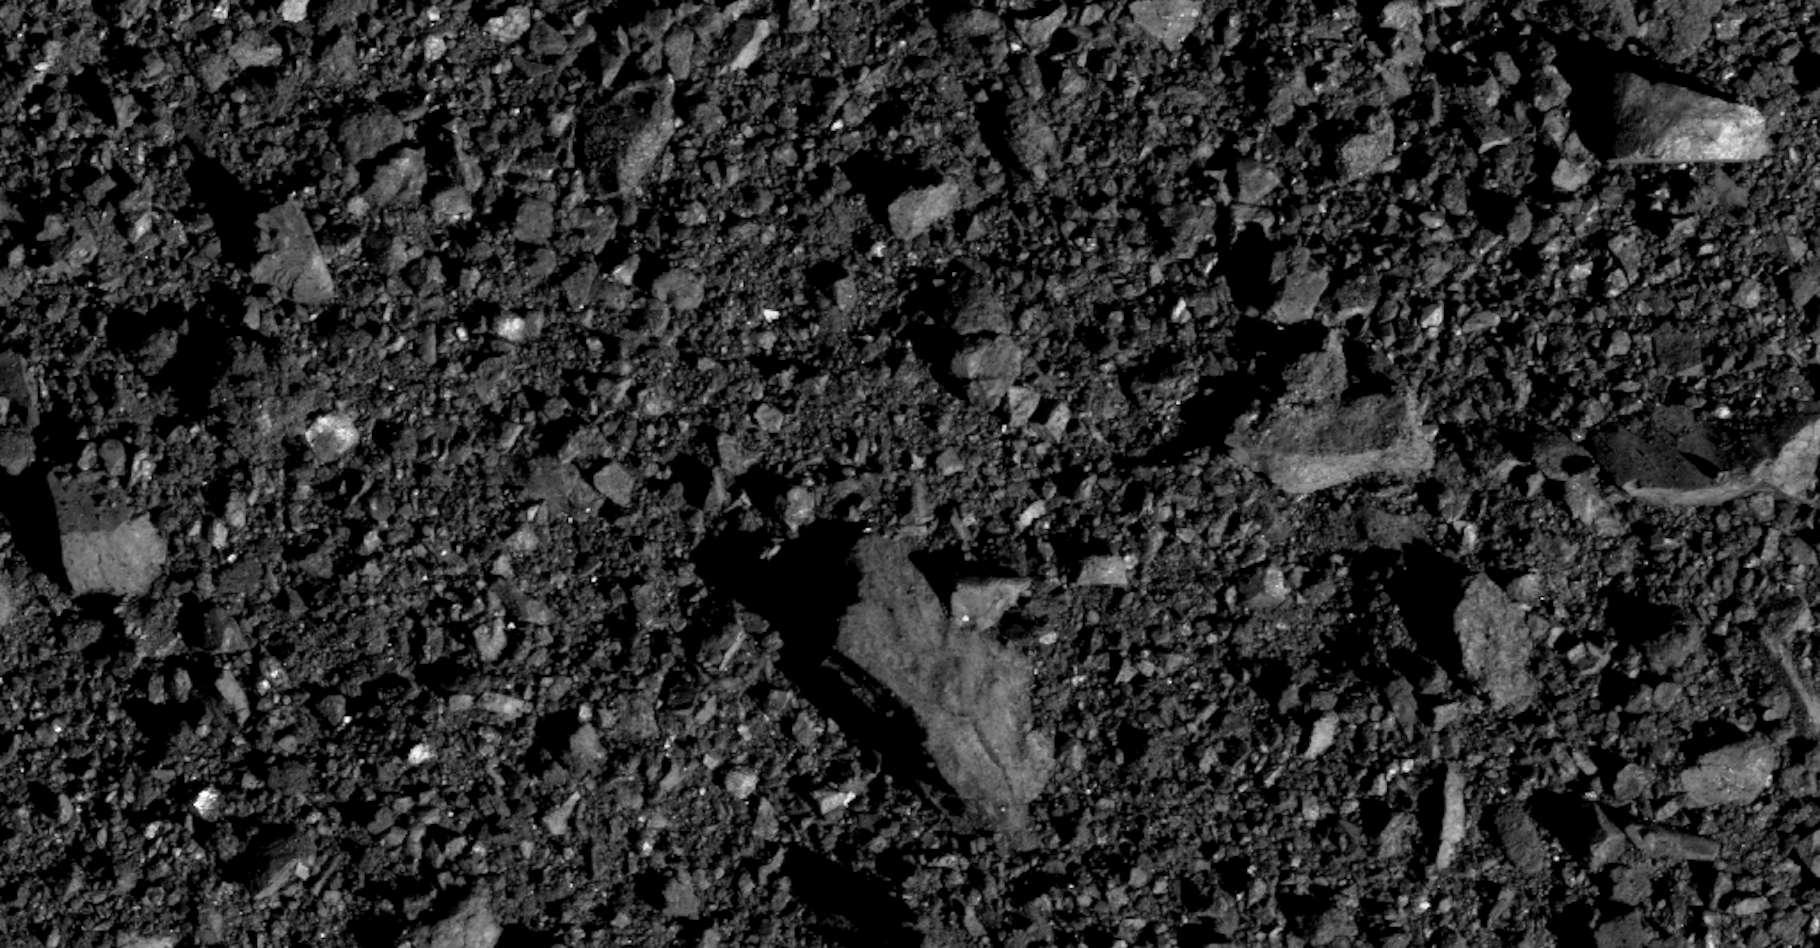 Du côté de l'hémisphère nord de l'astéroïde Bennu, le site sur lequel la mission Osiris-Rex recueillera des échantillons de roche l'été prochain. © Nasa, Goddard, University of Arizona